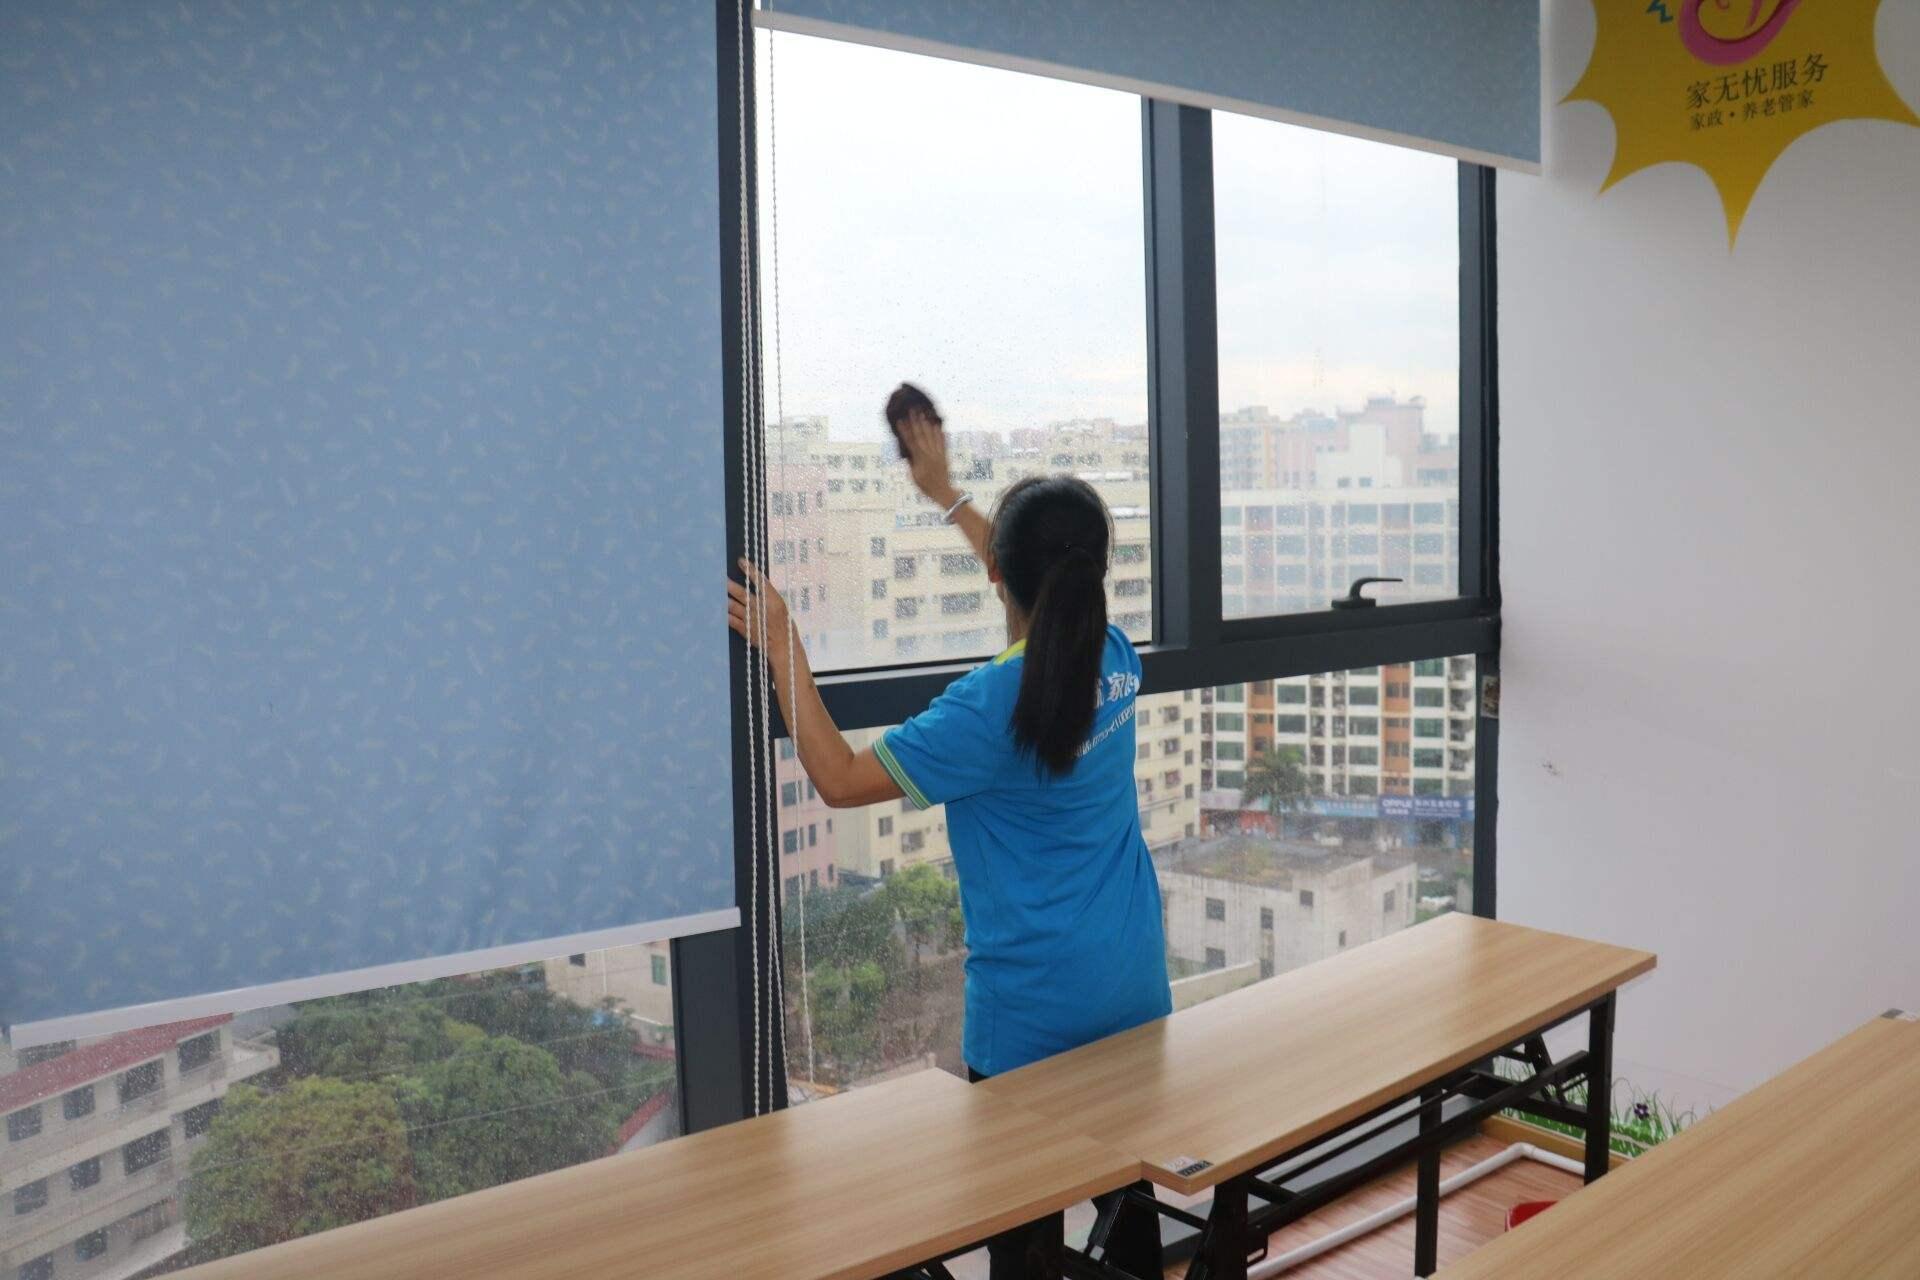 盘锦家政服务哪里有,优惠的盘锦家庭保洁服务及专业盘锦家庭护理